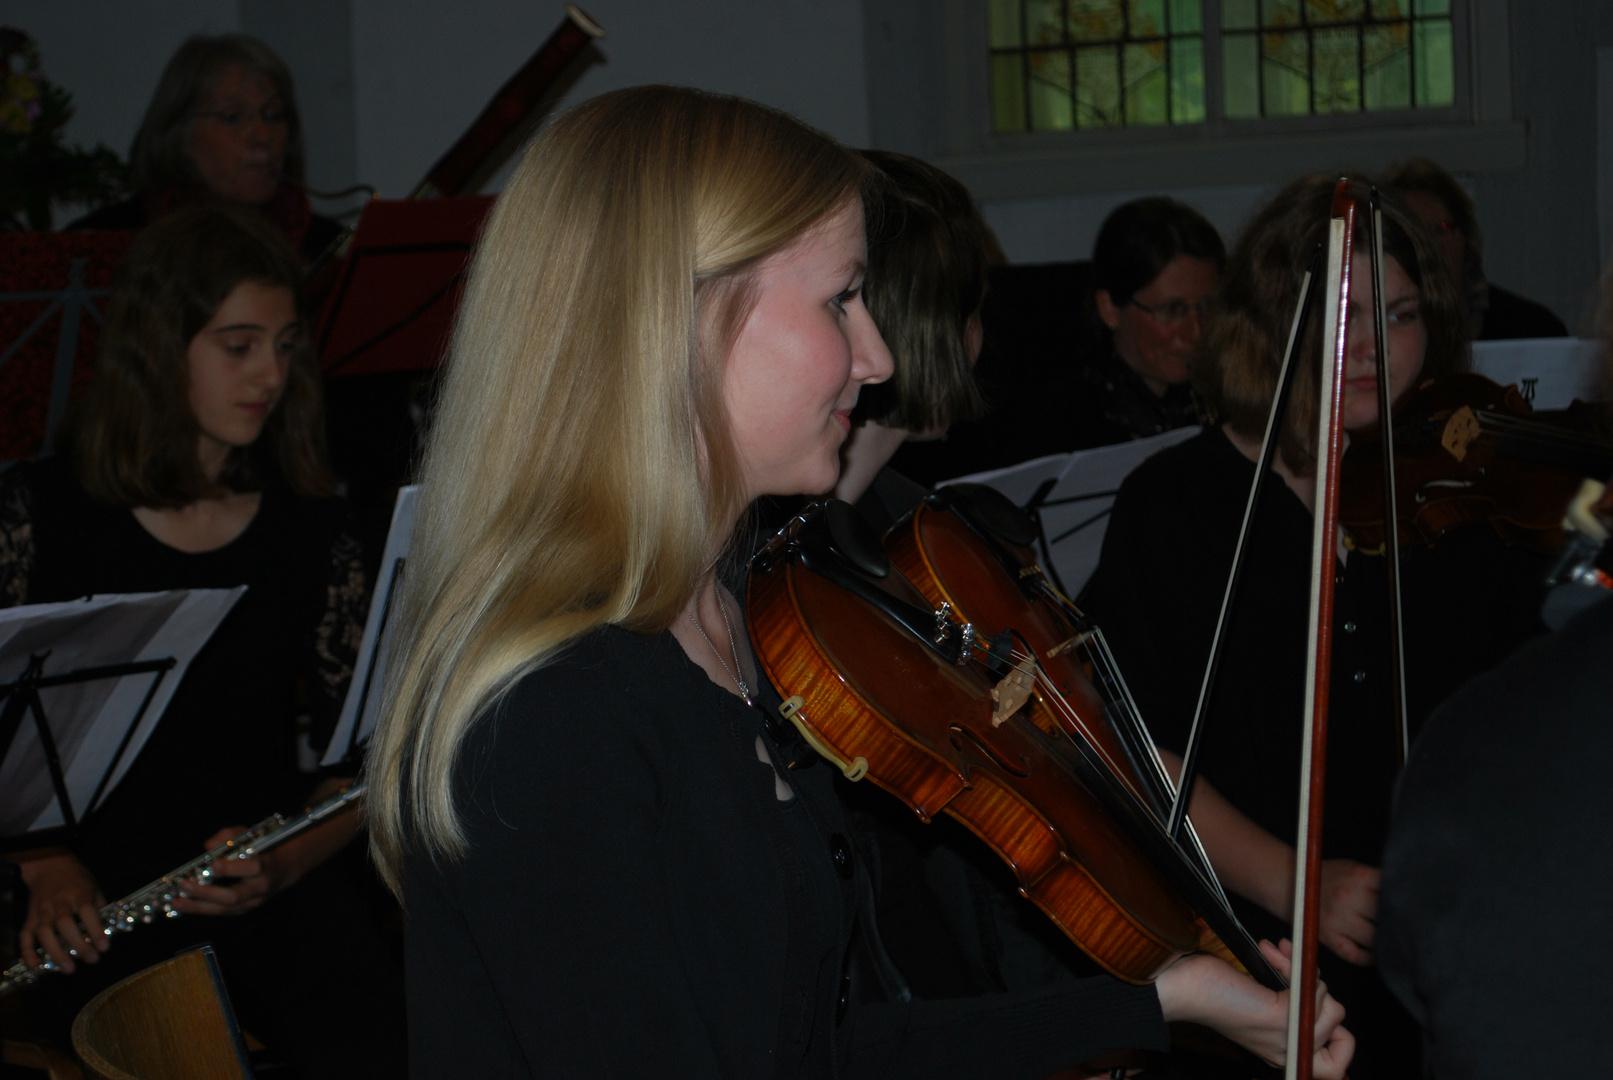 Violinistin der Kreismusikschule Hzgtm. Lauenburg am 11.5.14 b.Konzert in St. Salvatoris,Geesthacht